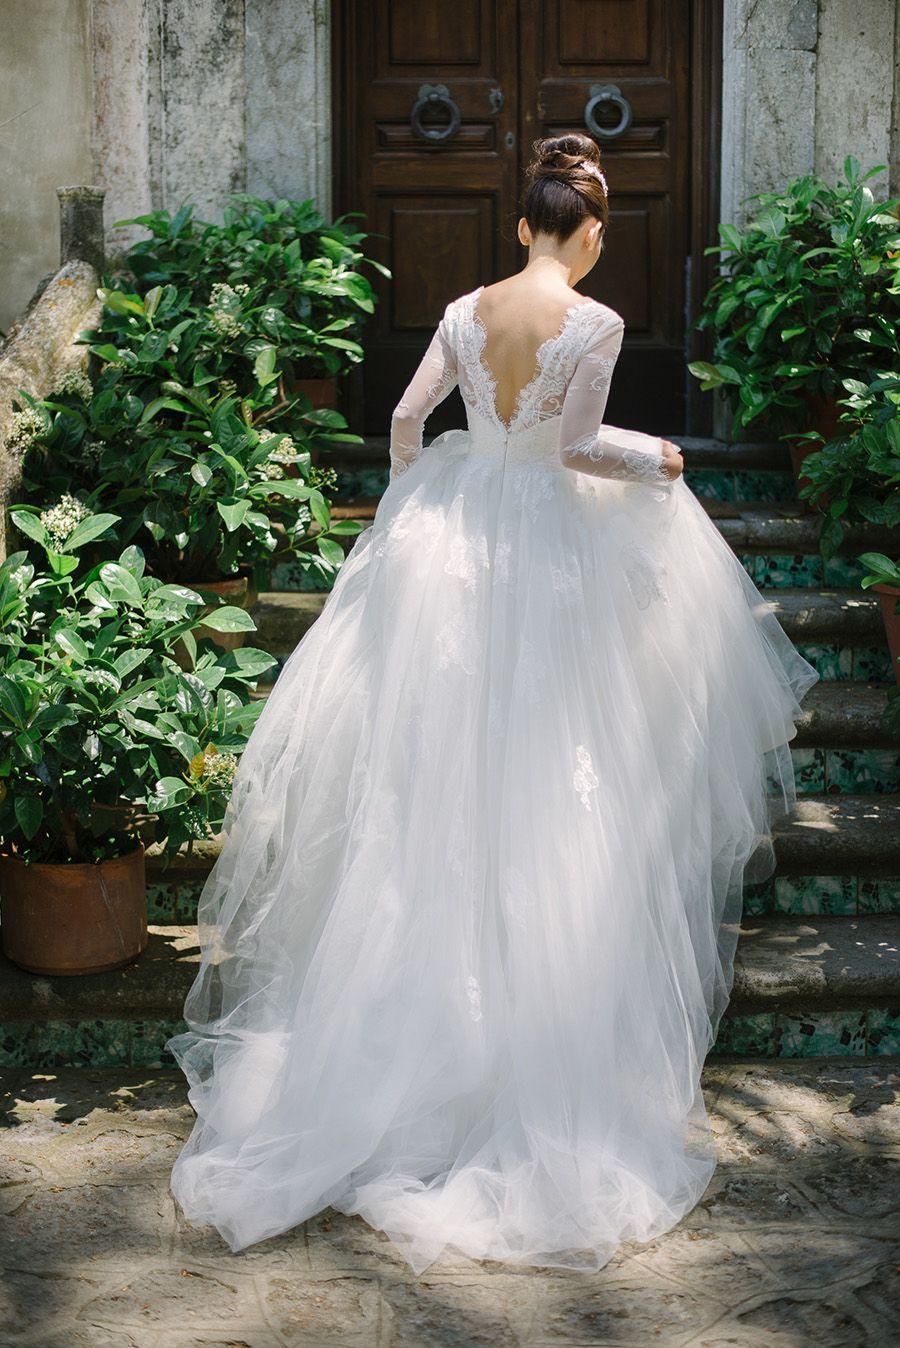 Braut in traumhaften weißen Brautkleid mit offenem Rücken ...